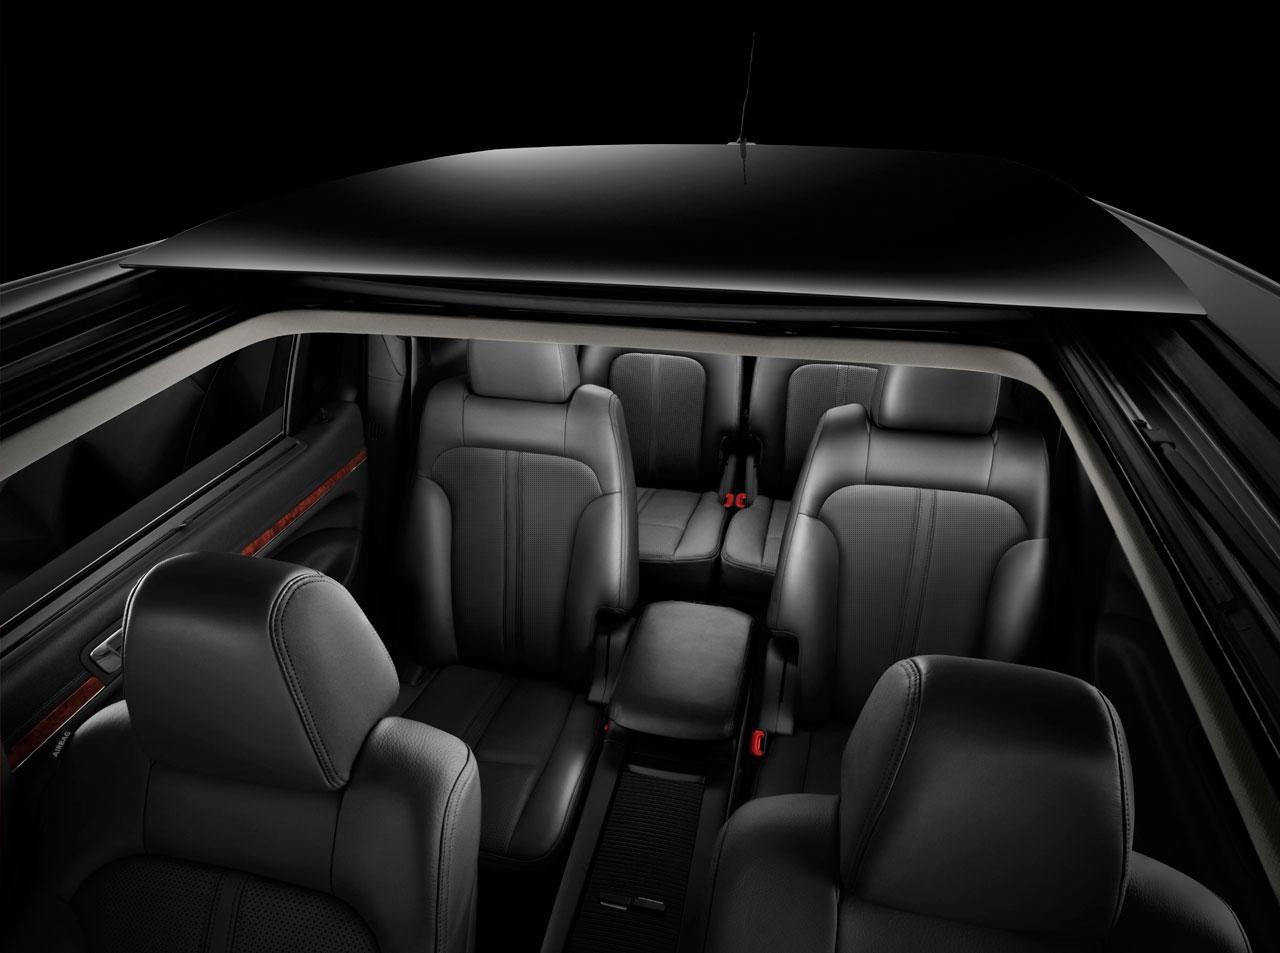 New 2010 Lincoln MKT debuts at